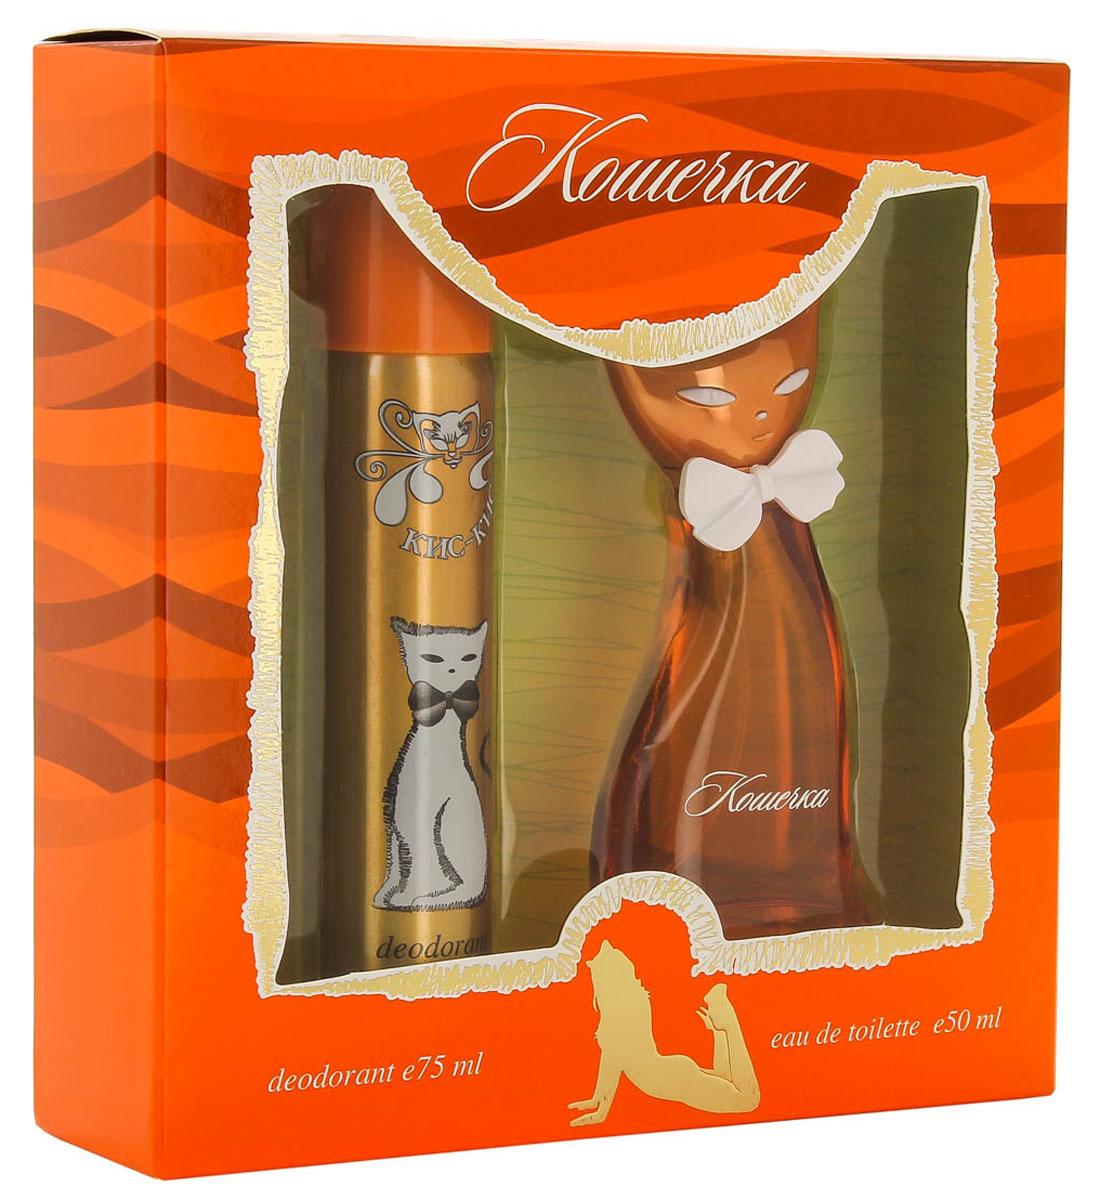 КПК-Парфюм Подарочный набор для женщин Кис-Кис Кошечка: Туалетная вода, 50 мл + Парфюмированный дезодорант, 75 млКПК247КИС-КИС КОШЕЧКА- это аромат для женщин. Верхние ноты: розовый перец, киви и ревень; ноты сердца: жасмин, цикламен и арбуз; ноты базы: мускус, сандал и лимонное дерево.